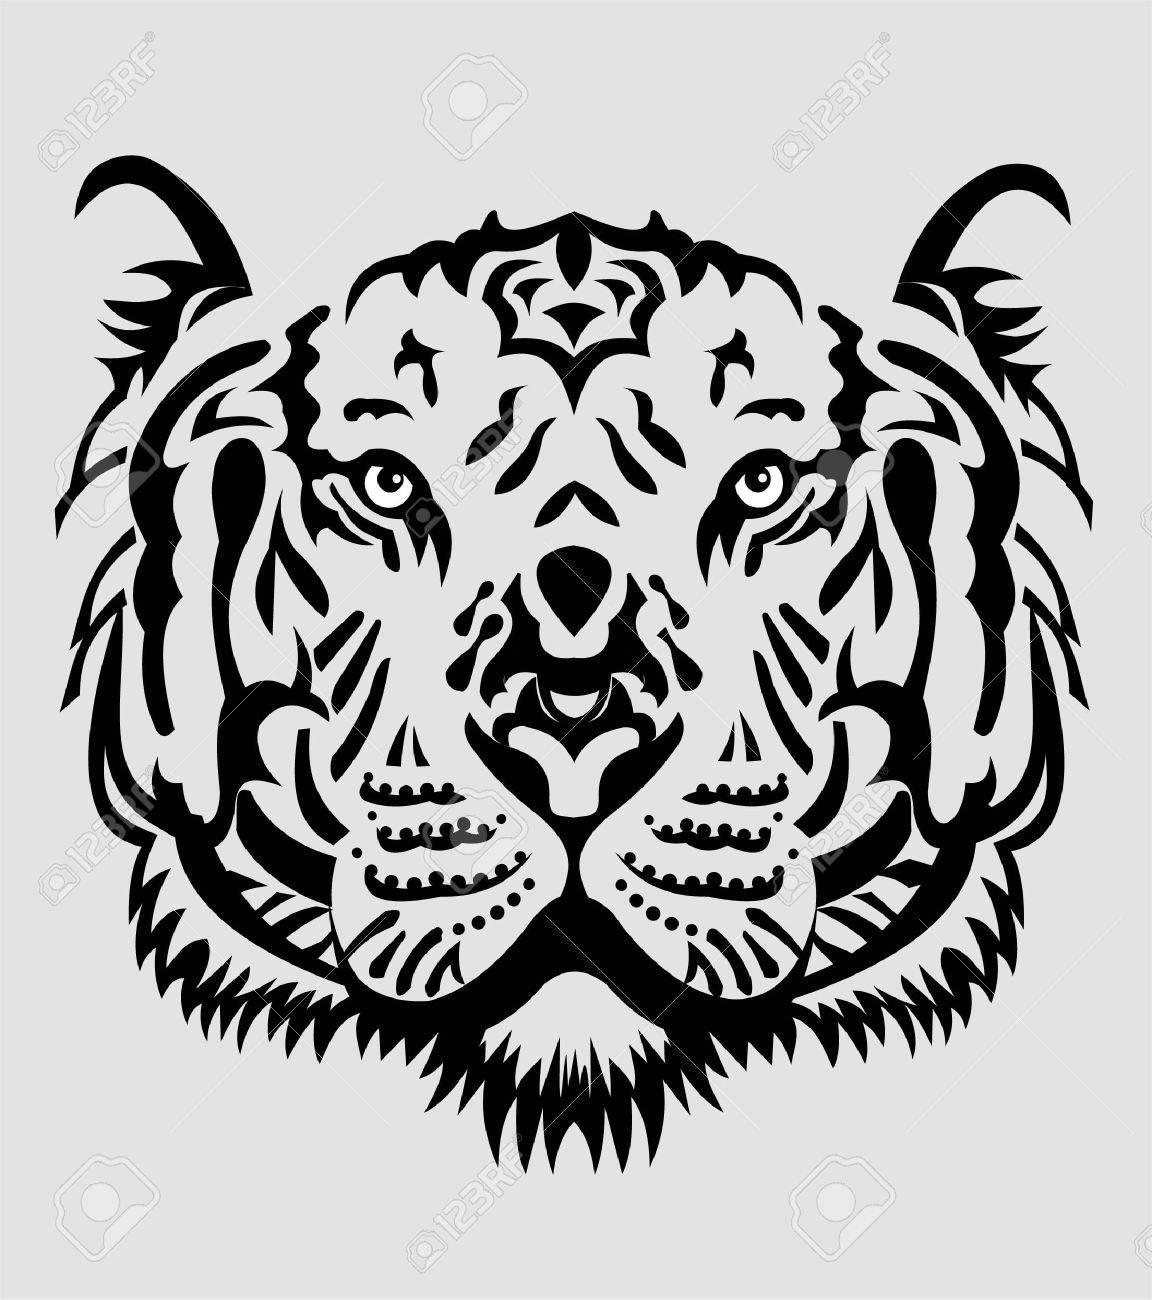 Tiger Face - 83388737